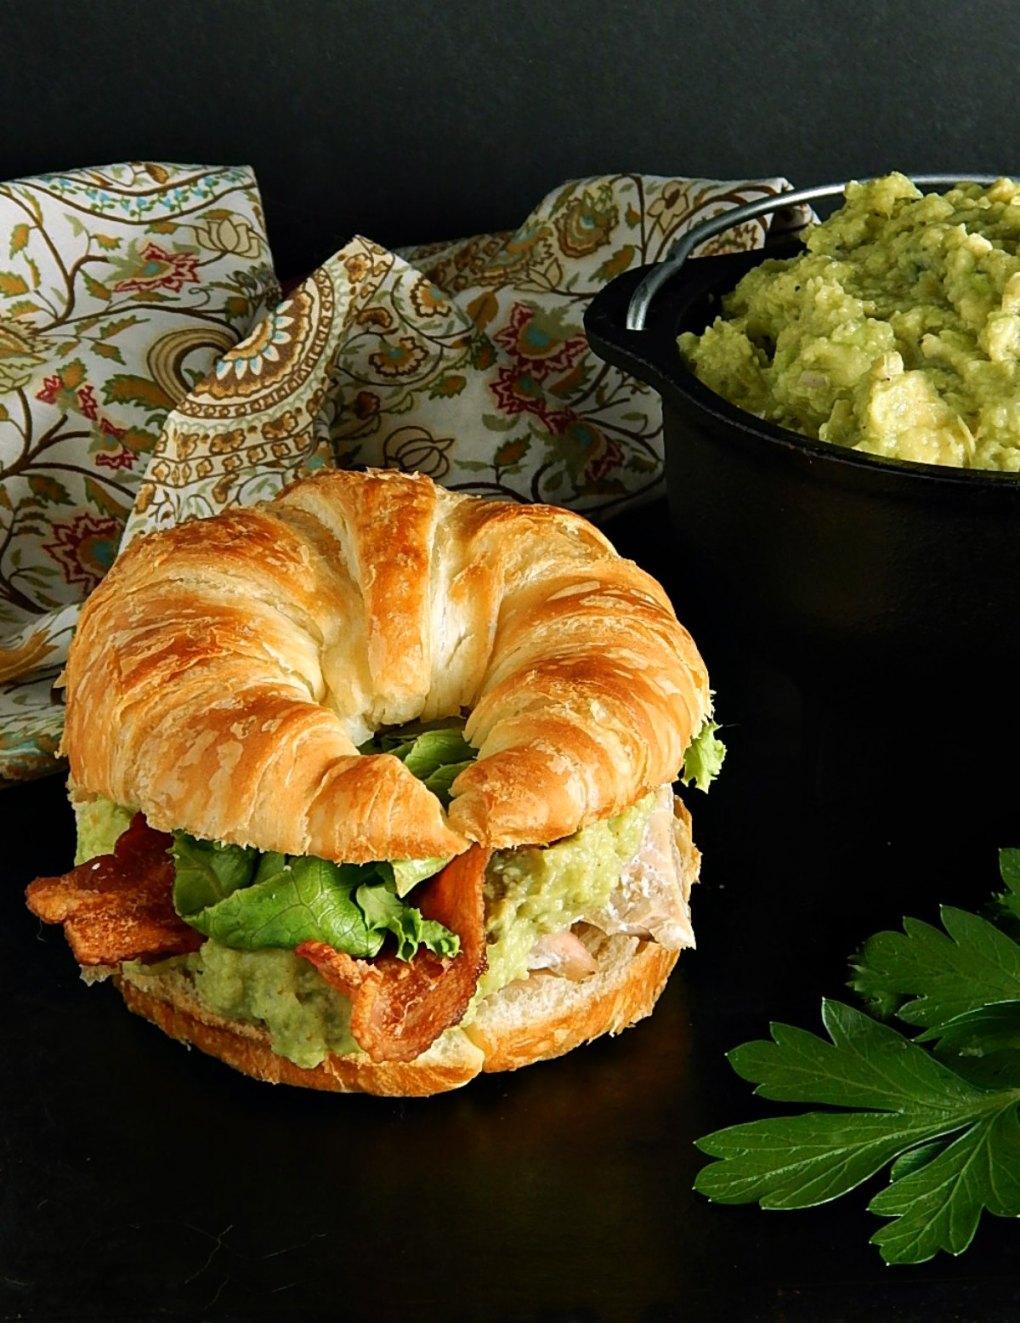 Ina Garten's Guacamole Salmon Sandwich